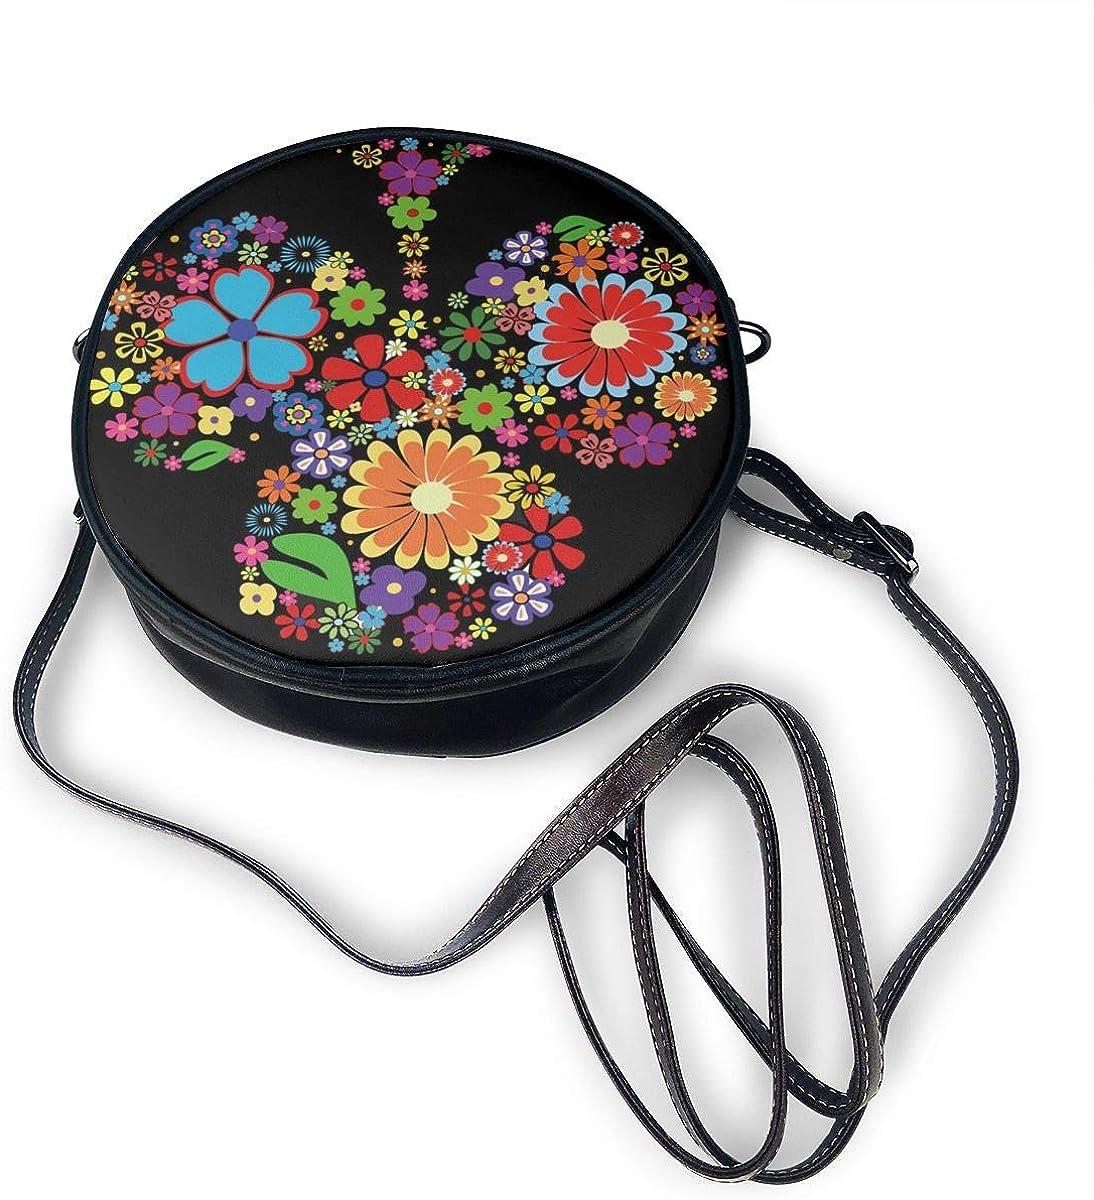 Flower Floral Tree Round Leather Shoulder Bag Fashion Lady Crossbody Wallet Adjustable Top Handbag For Women Girl